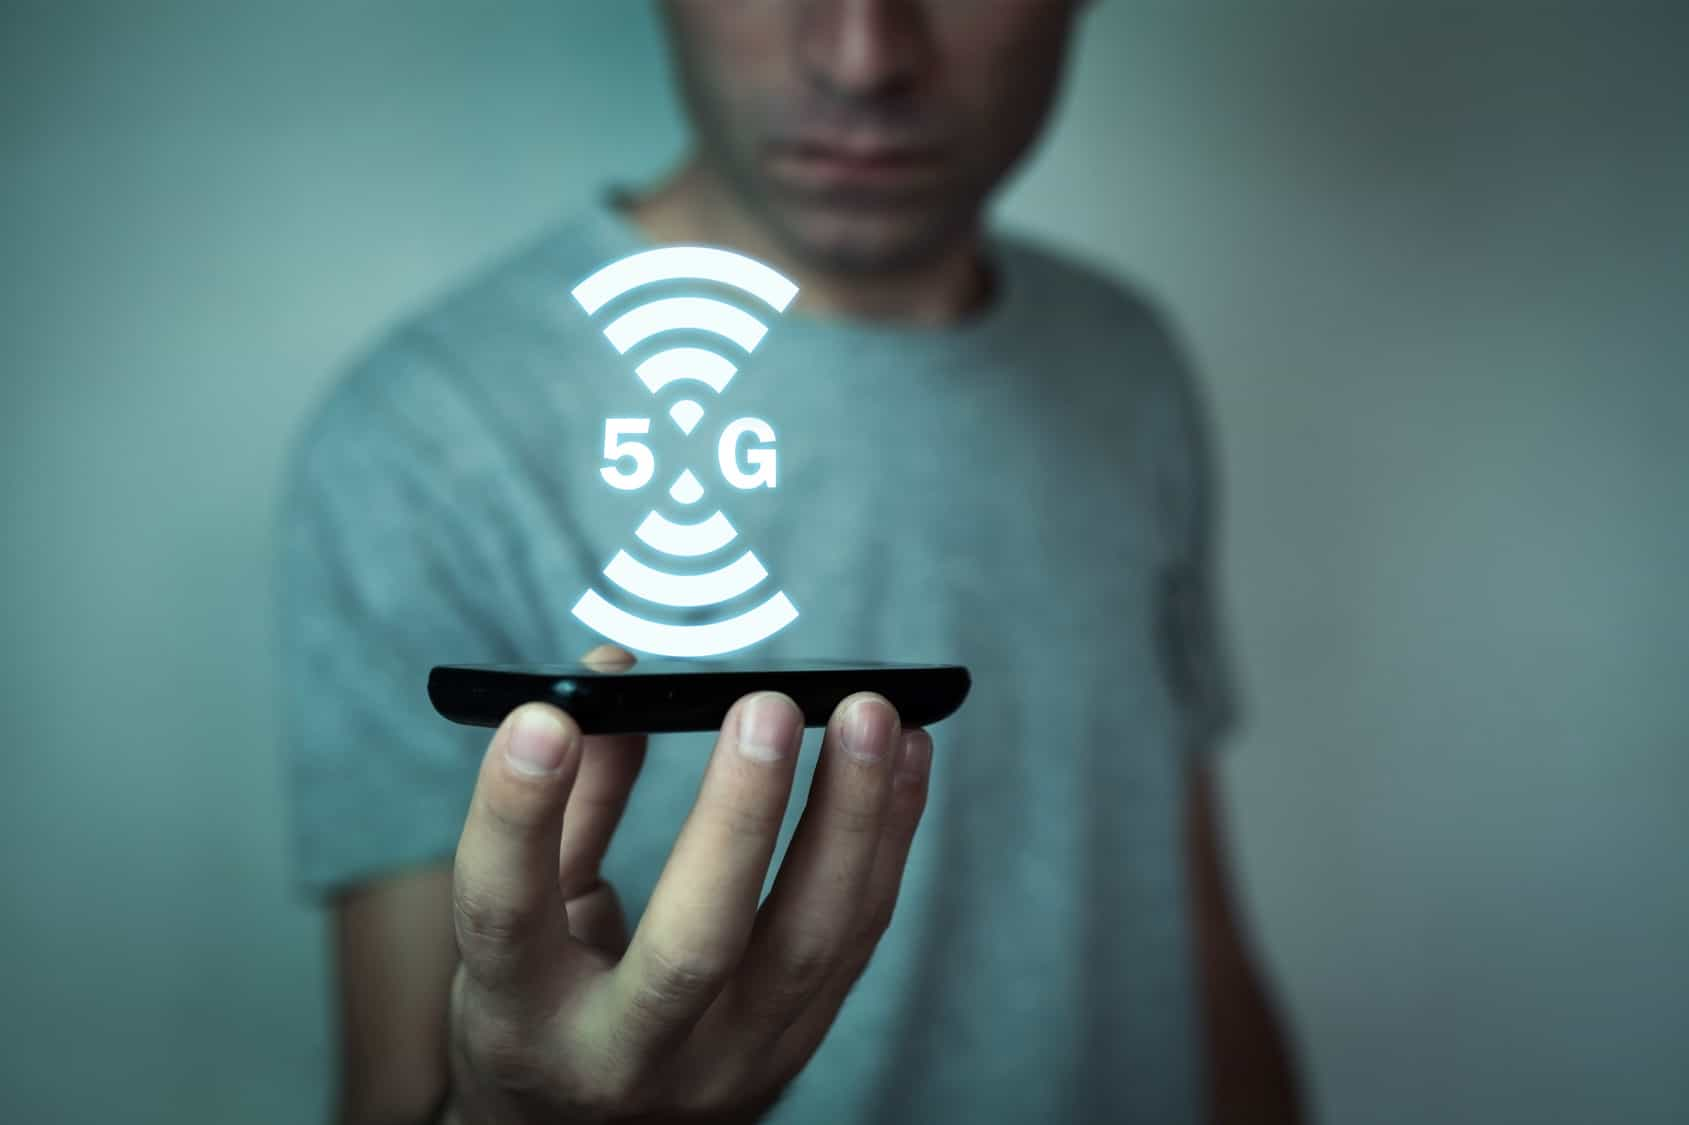 Las últimas semanas dentro del mundo de las telecomunicaciones globales se han caracterizado por mensajes contradictorios sobre la llegada de 5G.